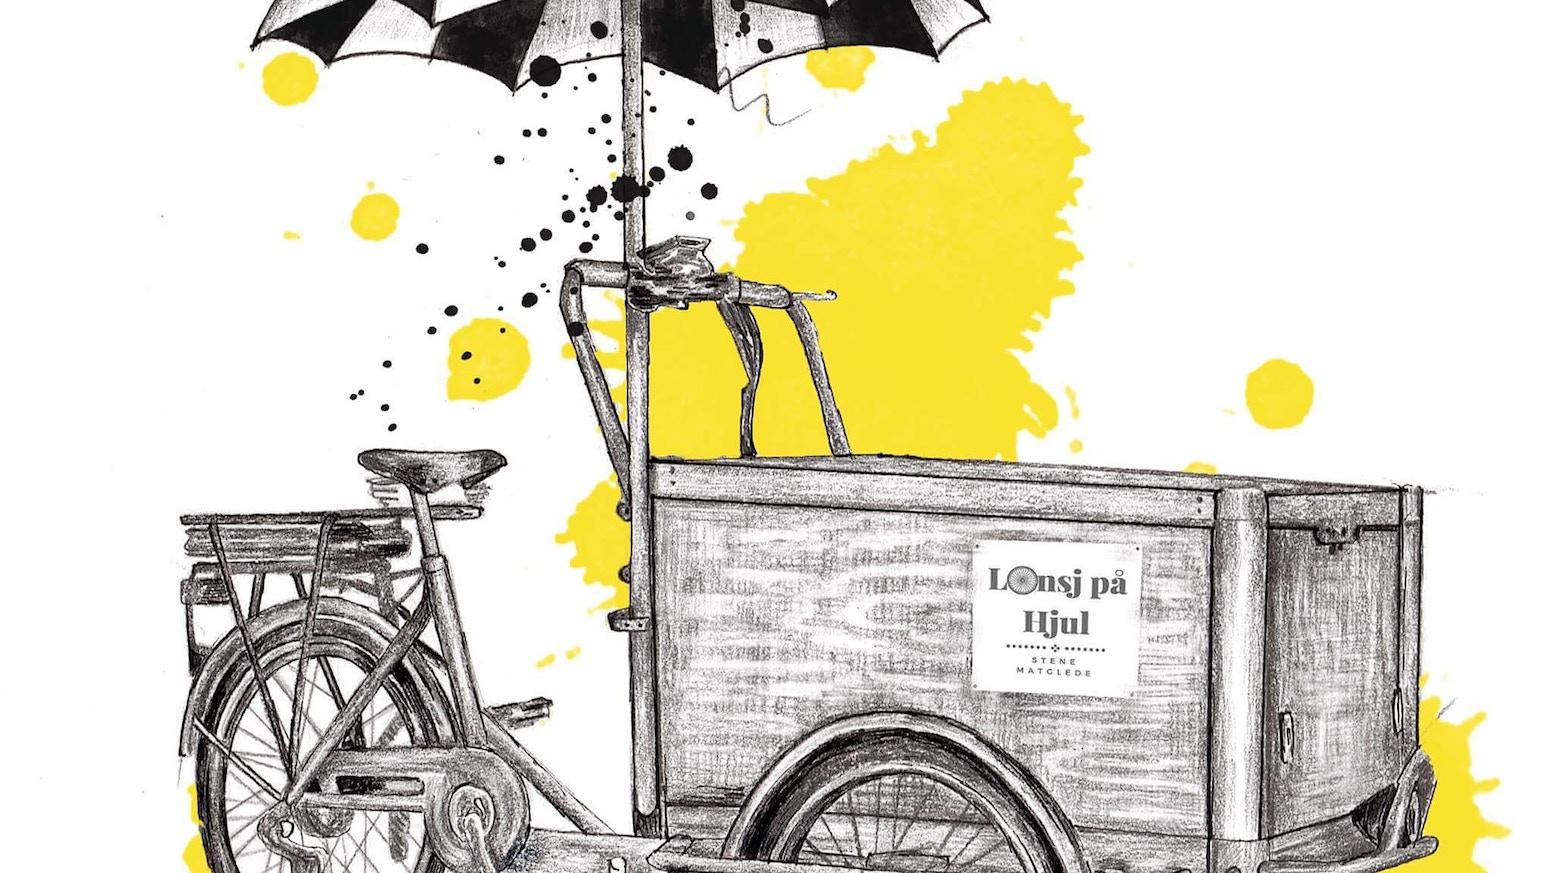 Lunsj på hjul går som det suser og no trengs ei oppgradering på sykkelfronten! Kva med å bidra til Bergens kuleste guleste lastesykkel? OG DEN KJEM I JUNI!!